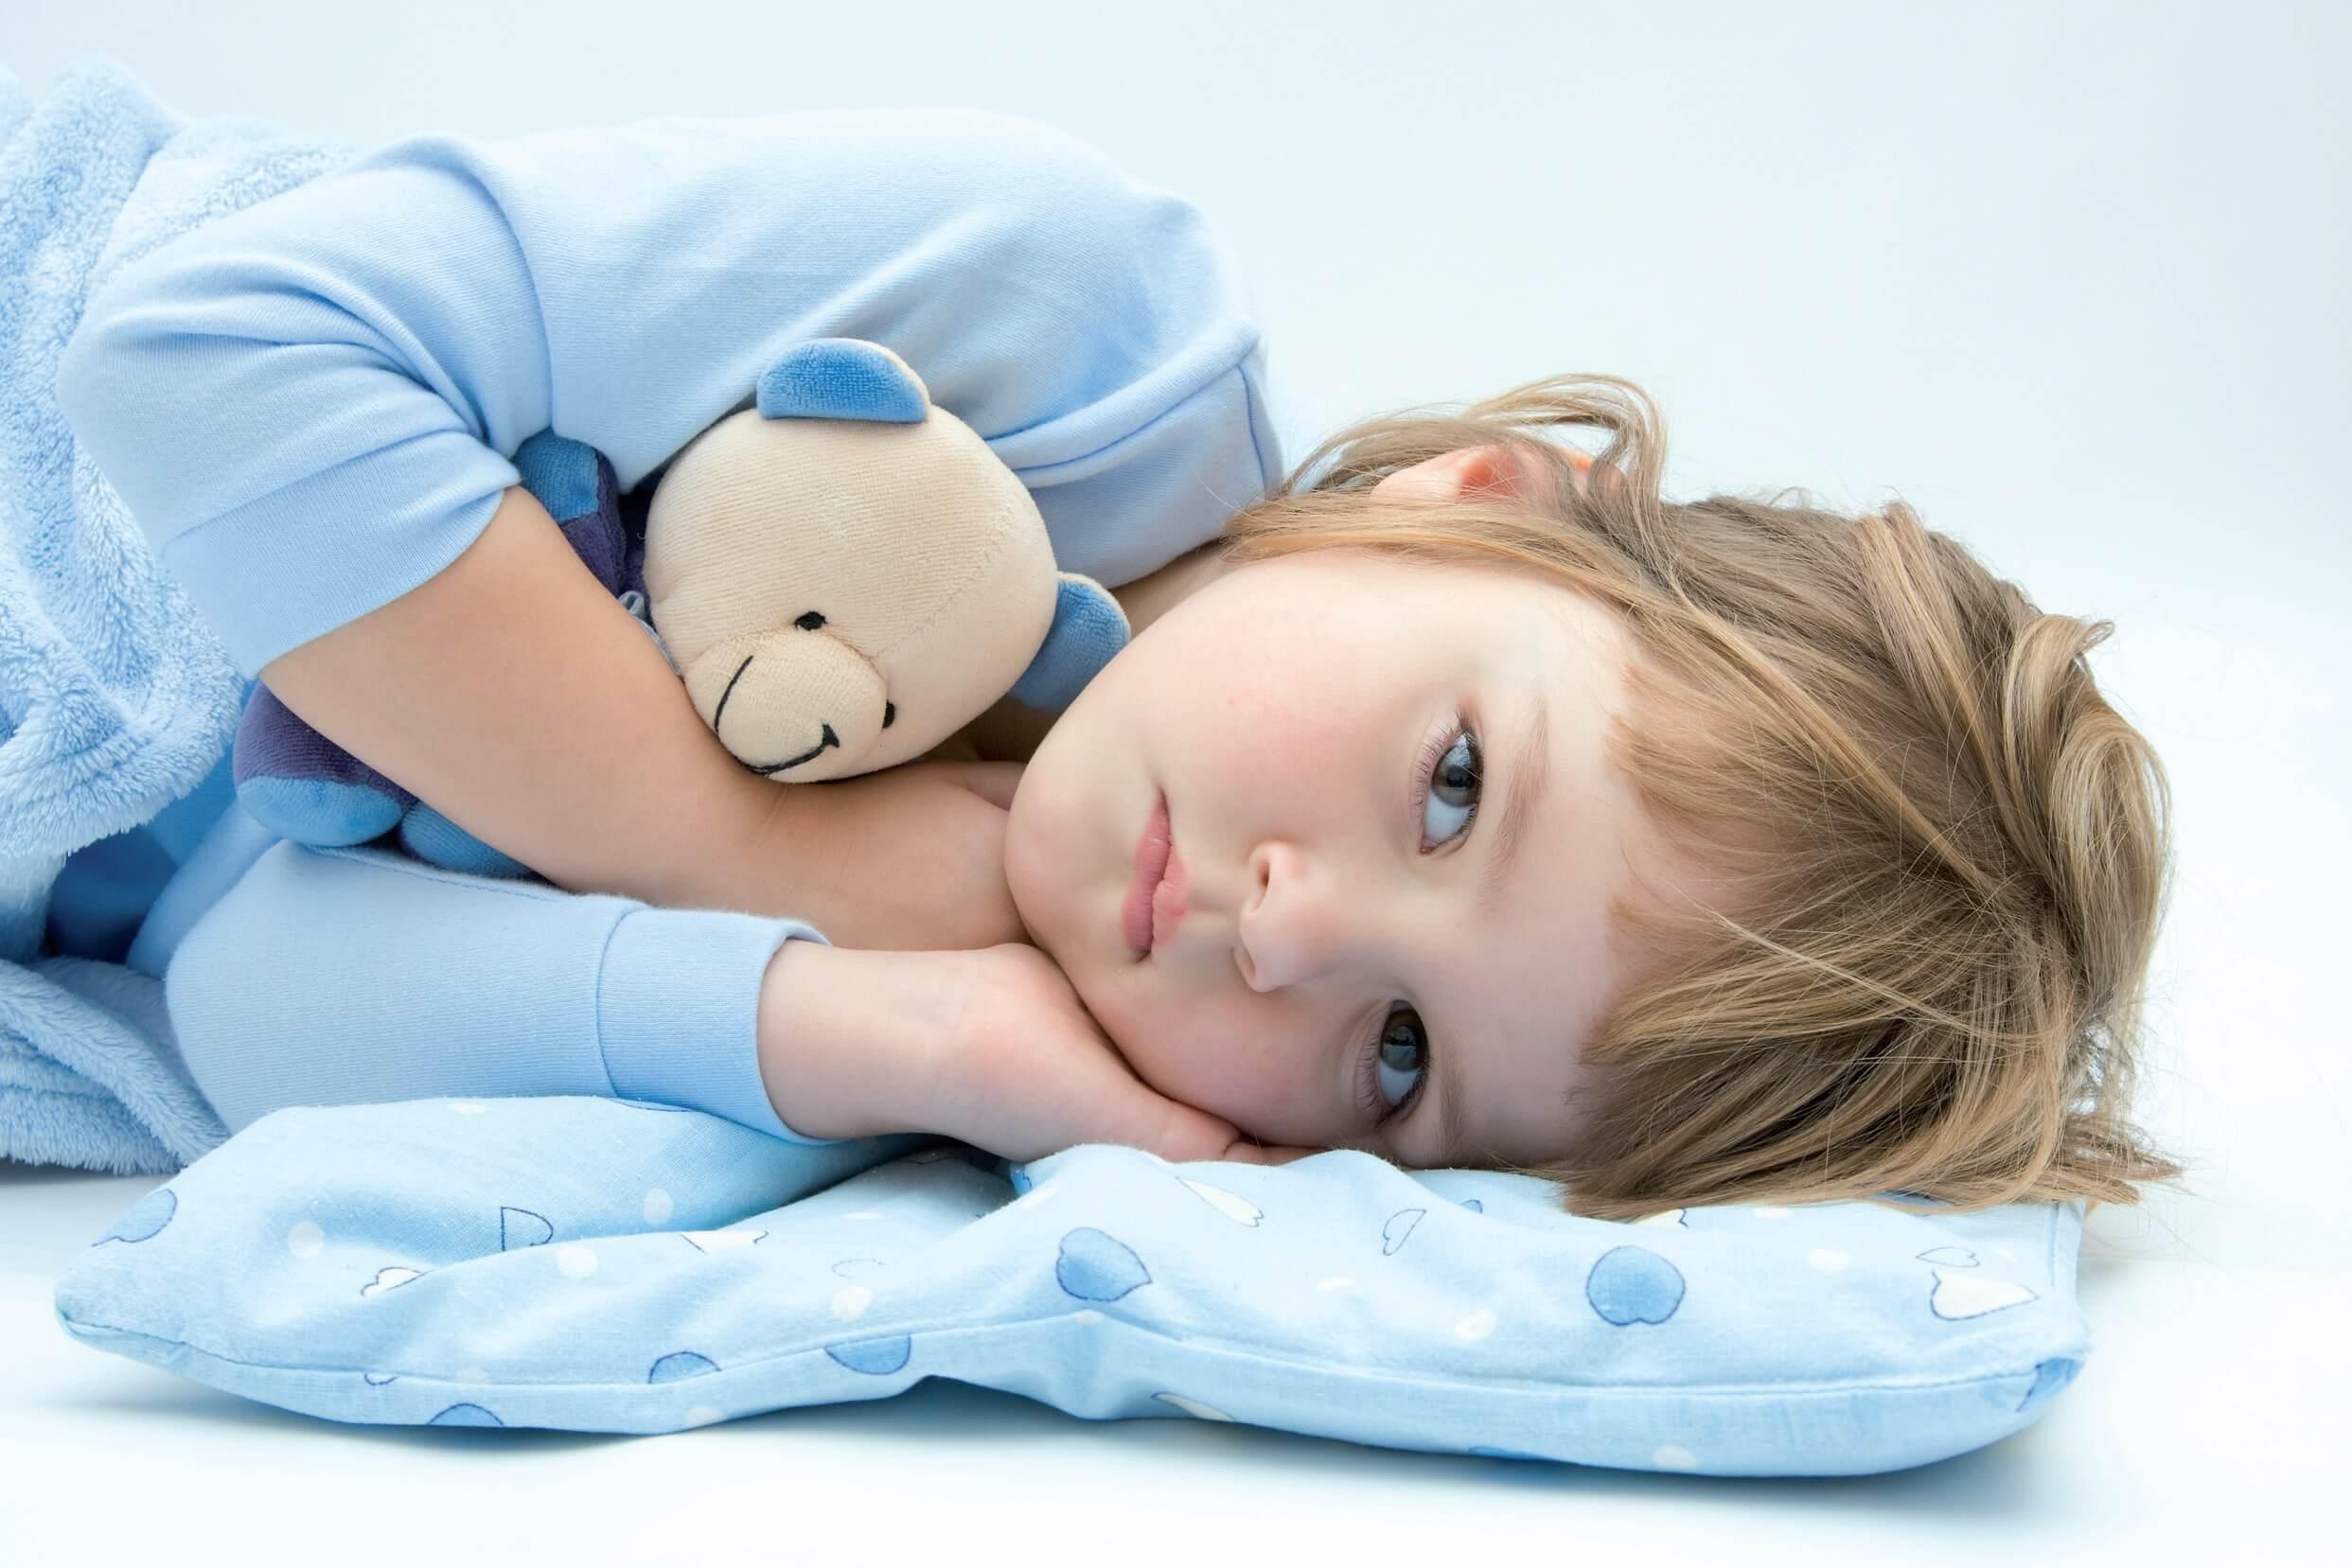 왜 아이들은 침대에 눕고나면 물을 달라고 할까?